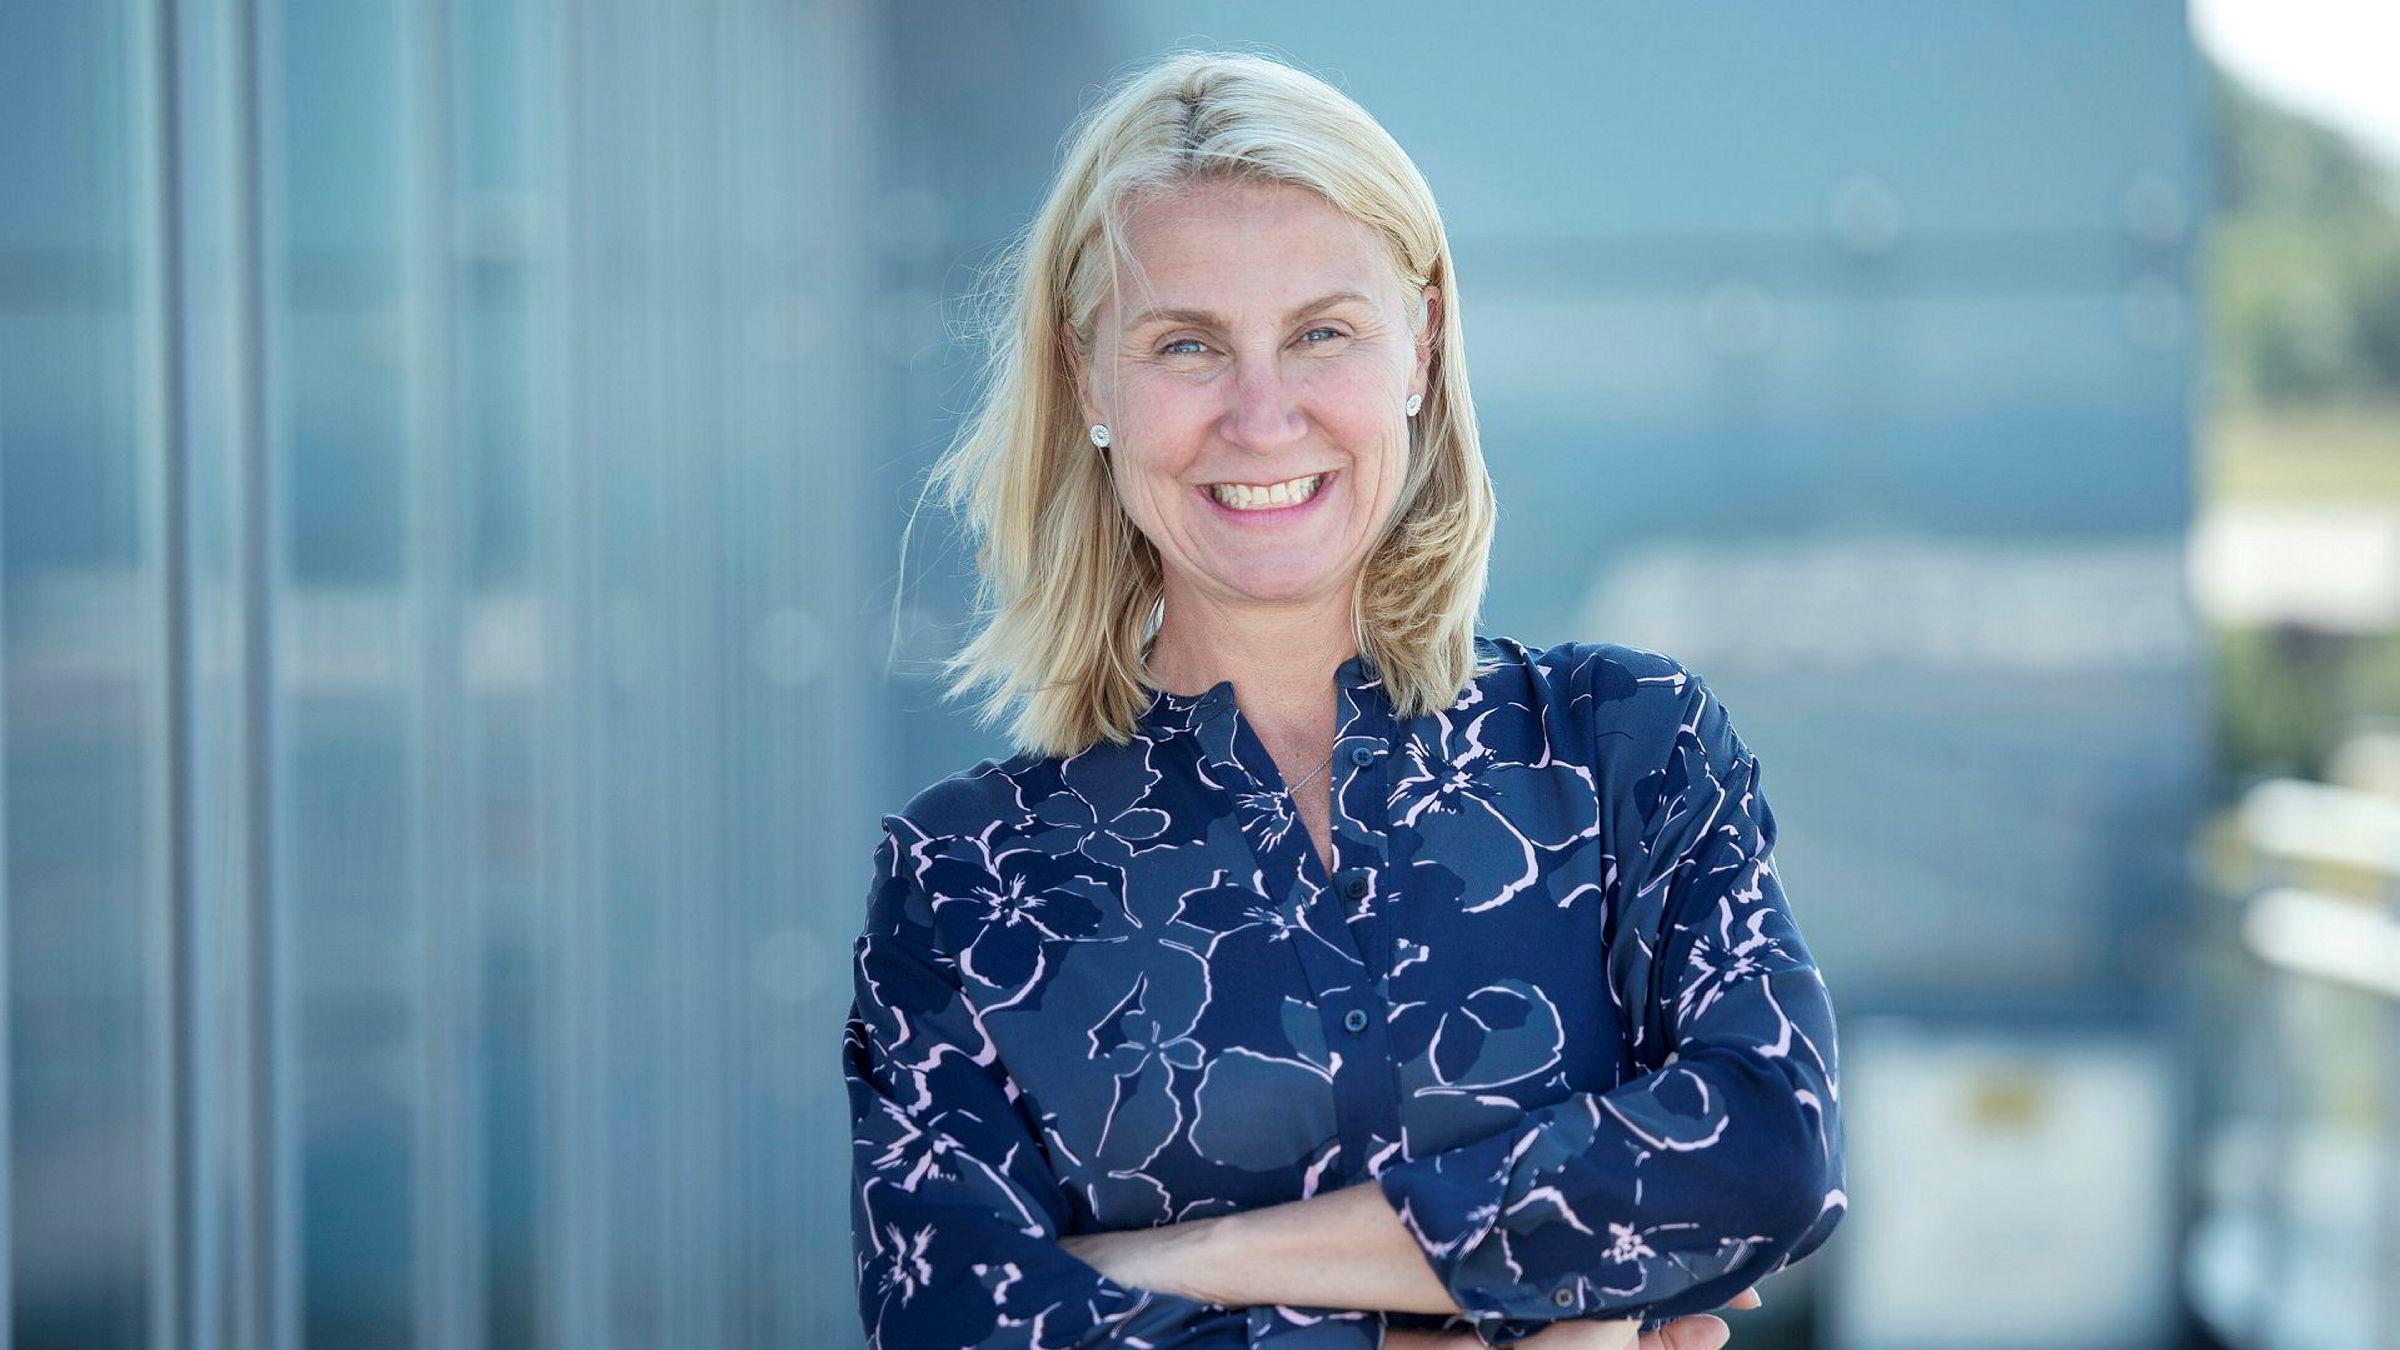 Kristin F. Kragseth leder nå Norges nest største oljeselskap - Vår Energi.